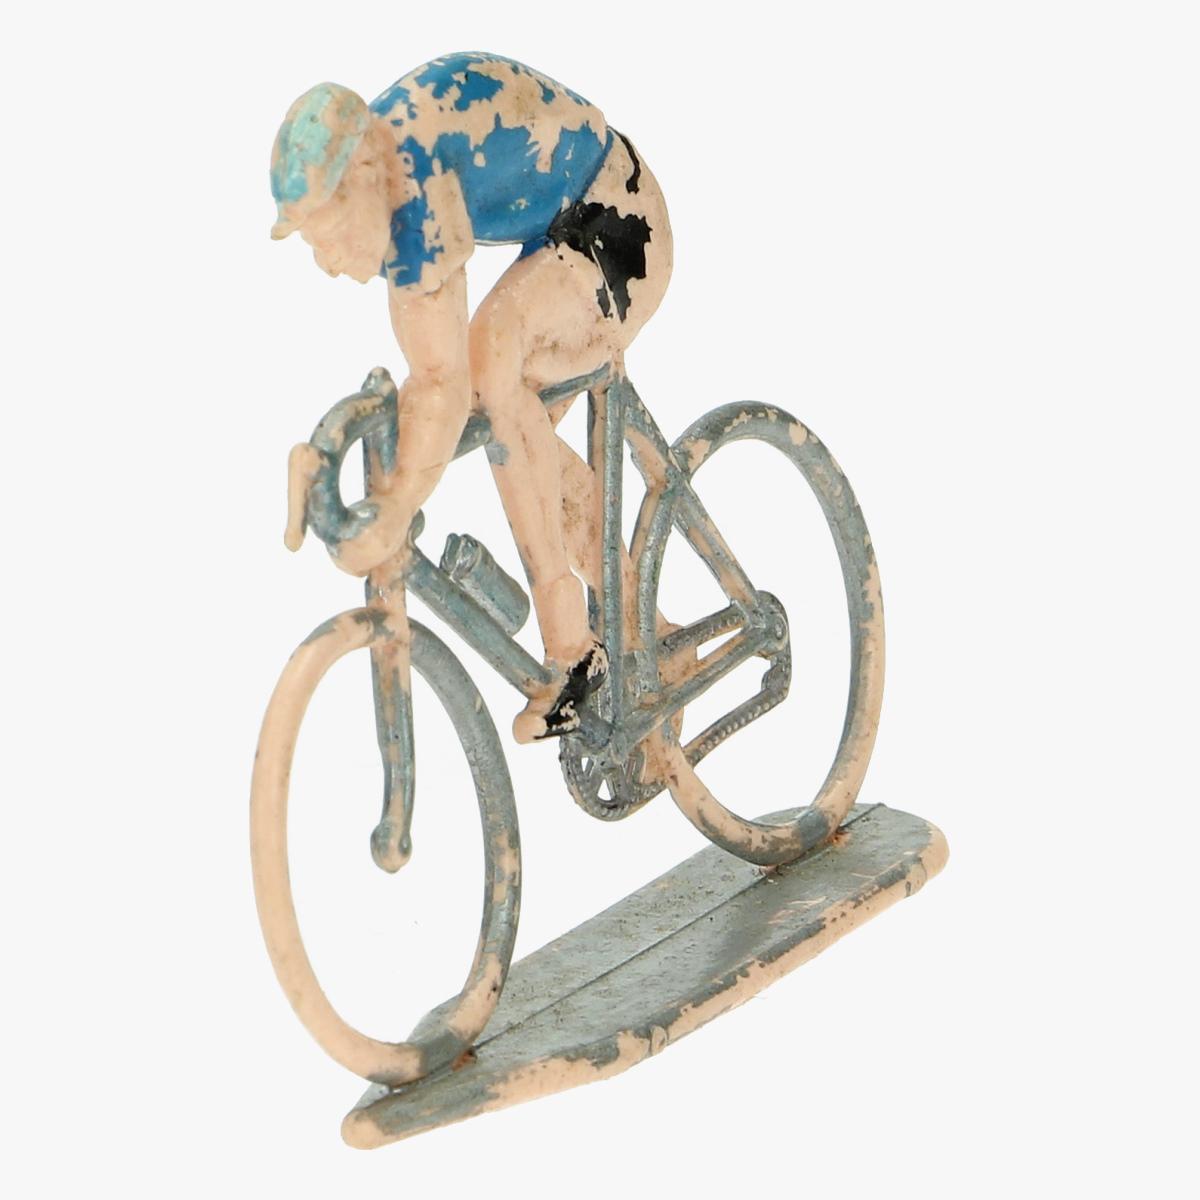 Afbeeldingen van oude wielrennertje